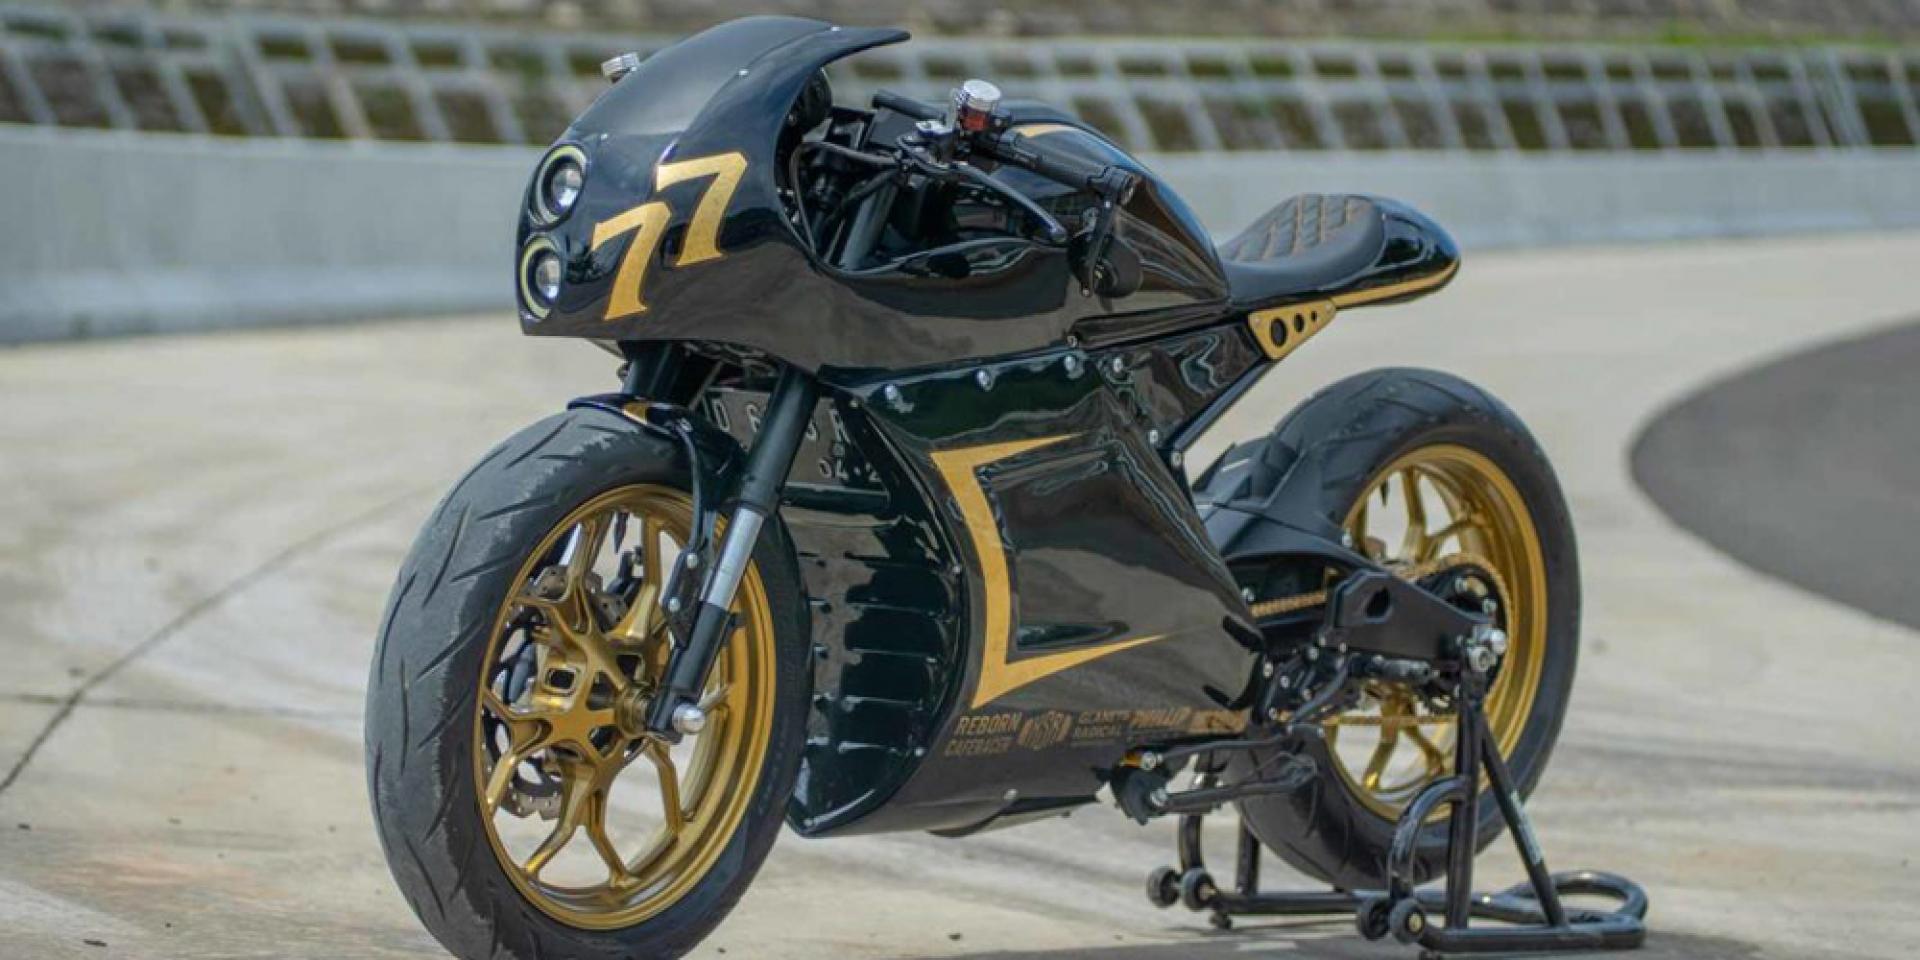 咖啡,重生!YAMAHA XSR155「Café Racer Reborn」by.Glanets Radical customs